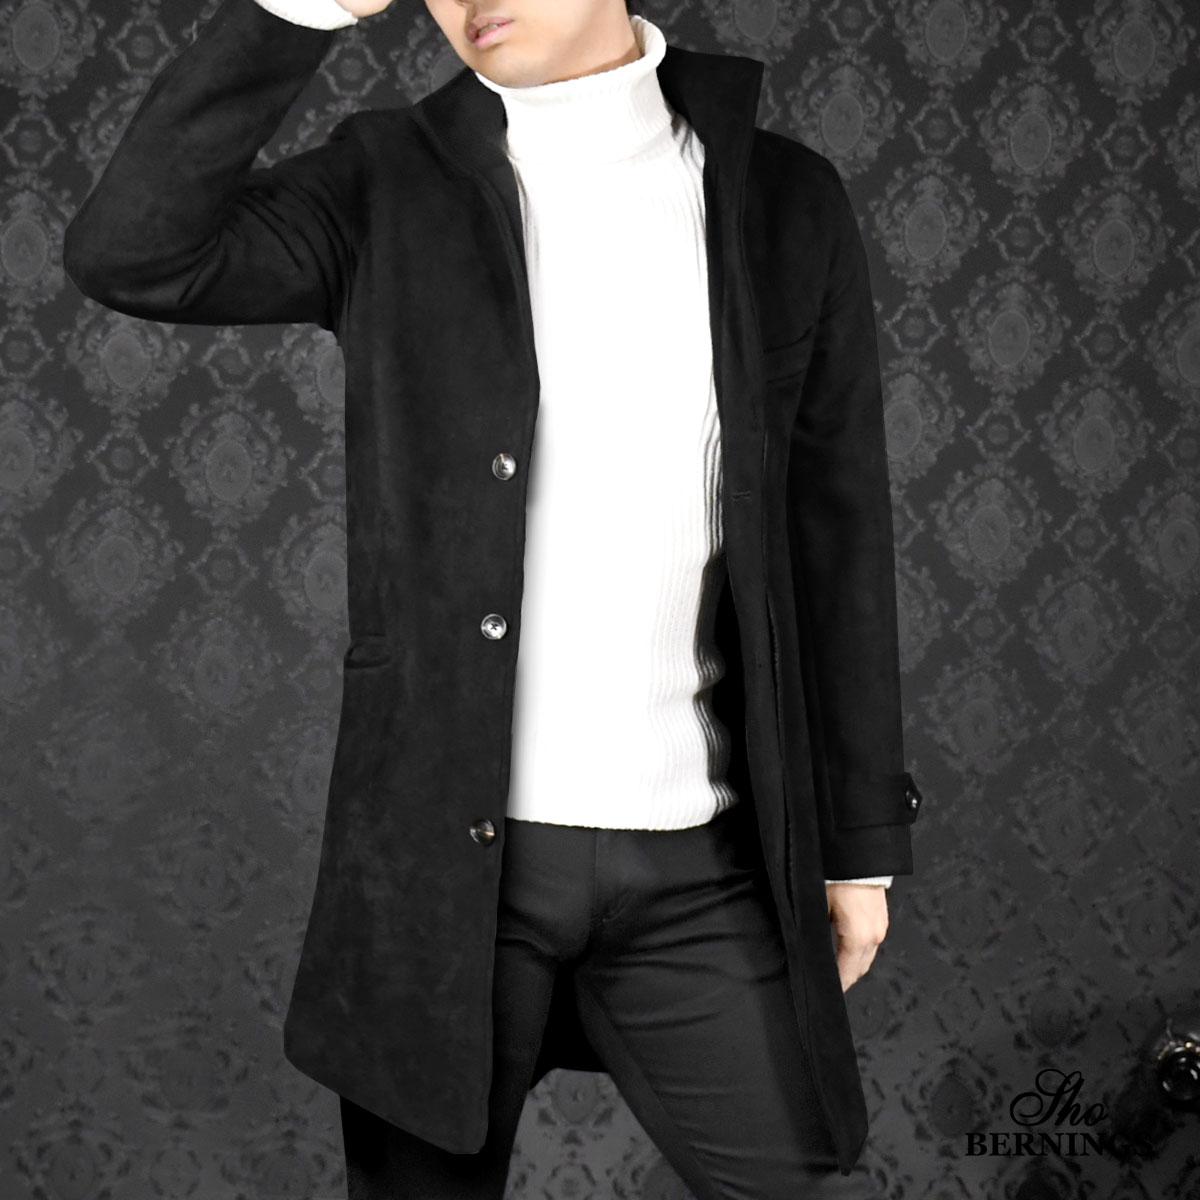 コート イタリアンカラー フェイクスウェード メンズ ロング丈 ロングコート mens(ブラック黒)